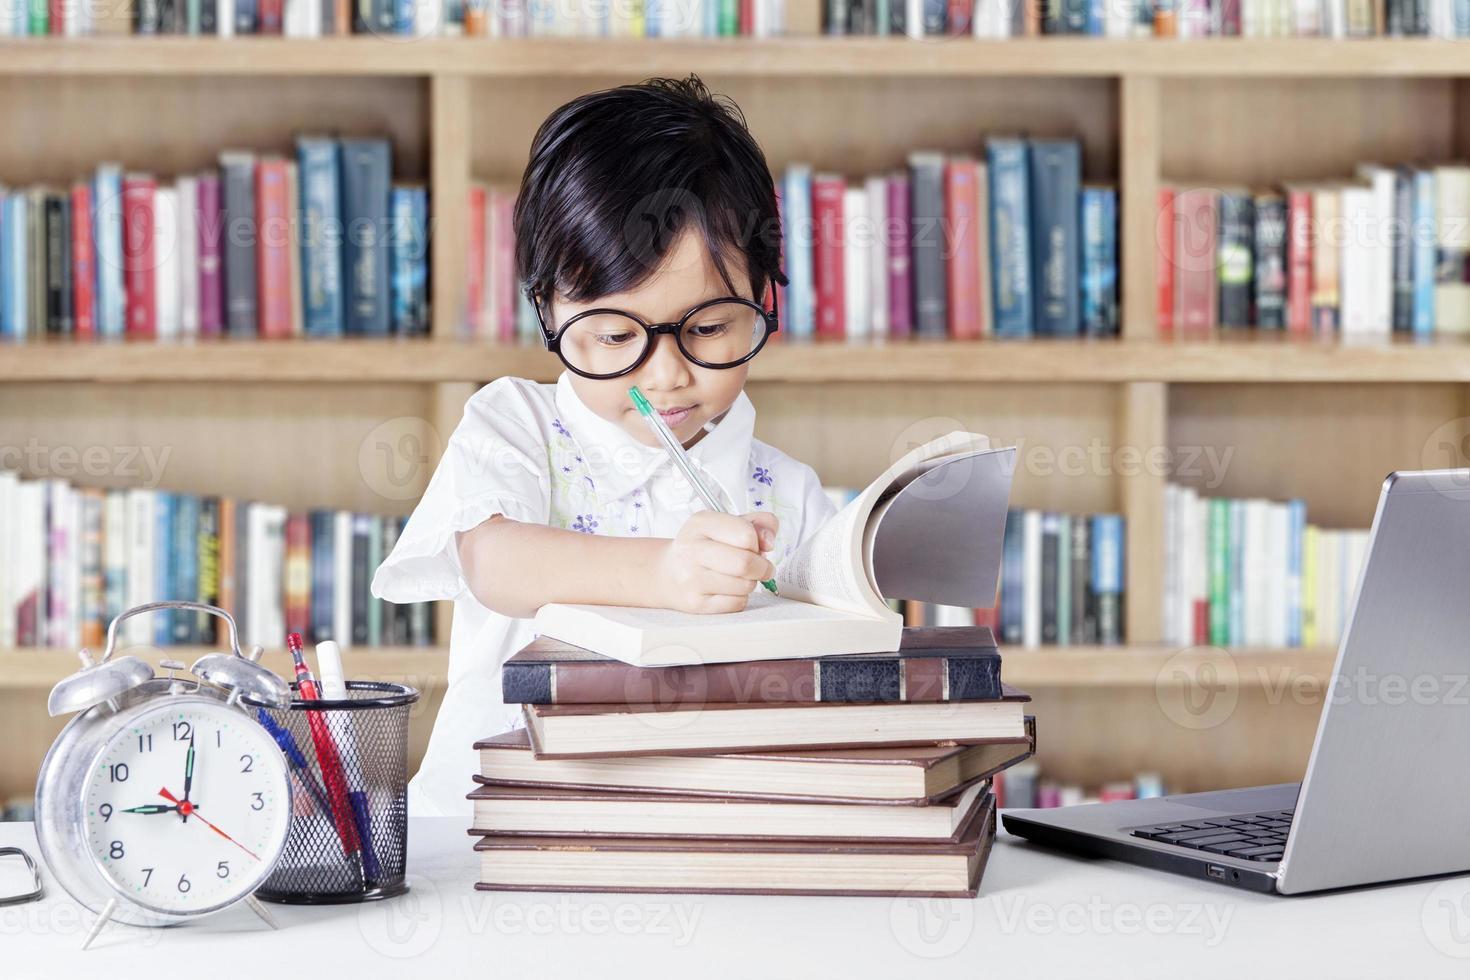 schöne Studentin, die in der Bibliothek schreibt foto